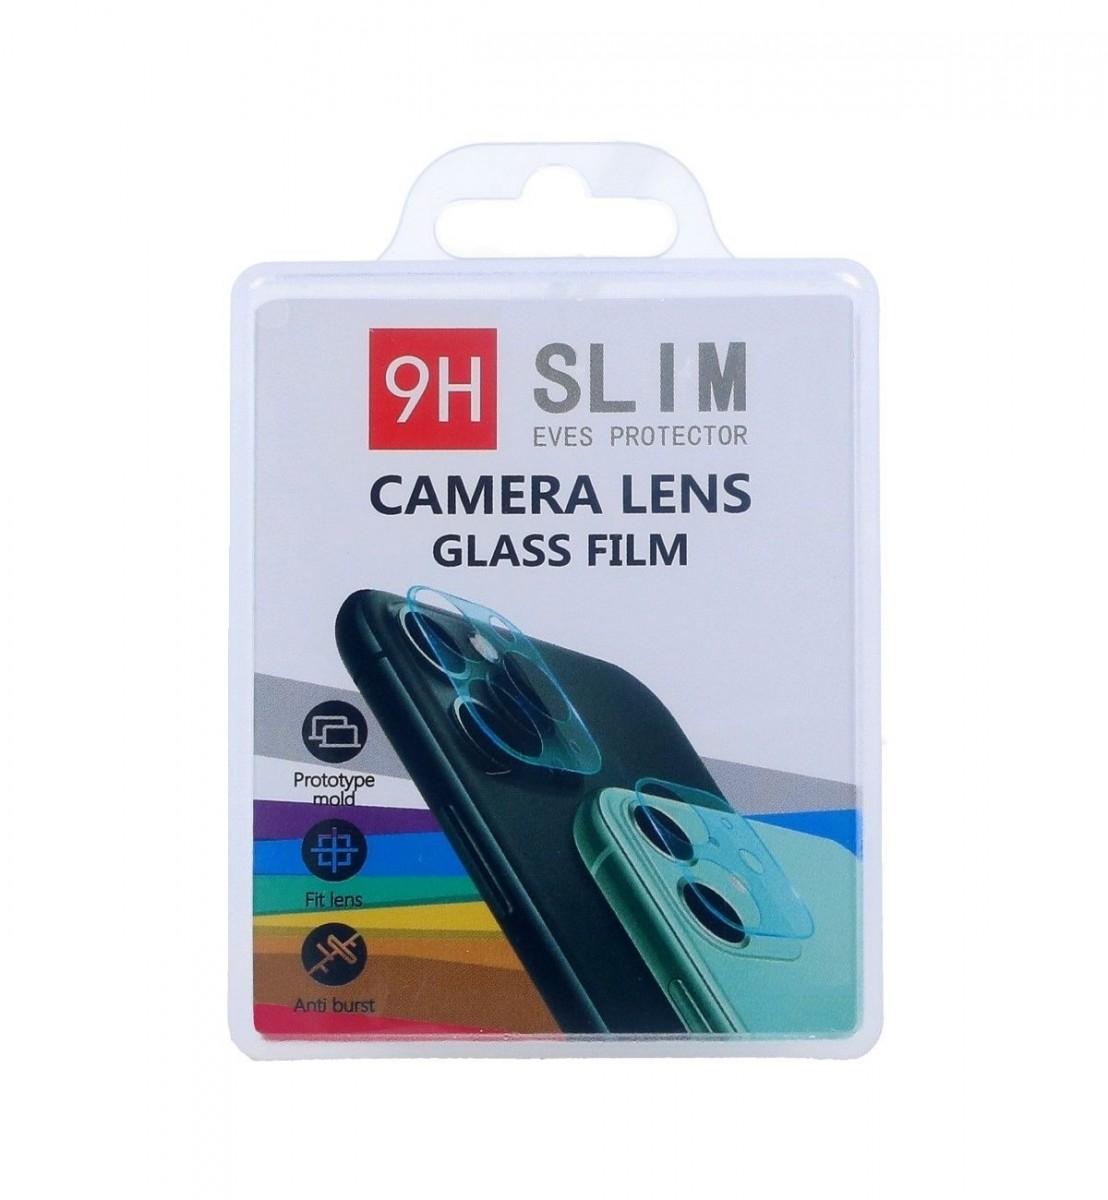 Tvrzené sklo TopQ na zadní fotoaparát Samsung A12 56785 (ochranné sklo na zadní čočku fotoaparátu Samsung A12)